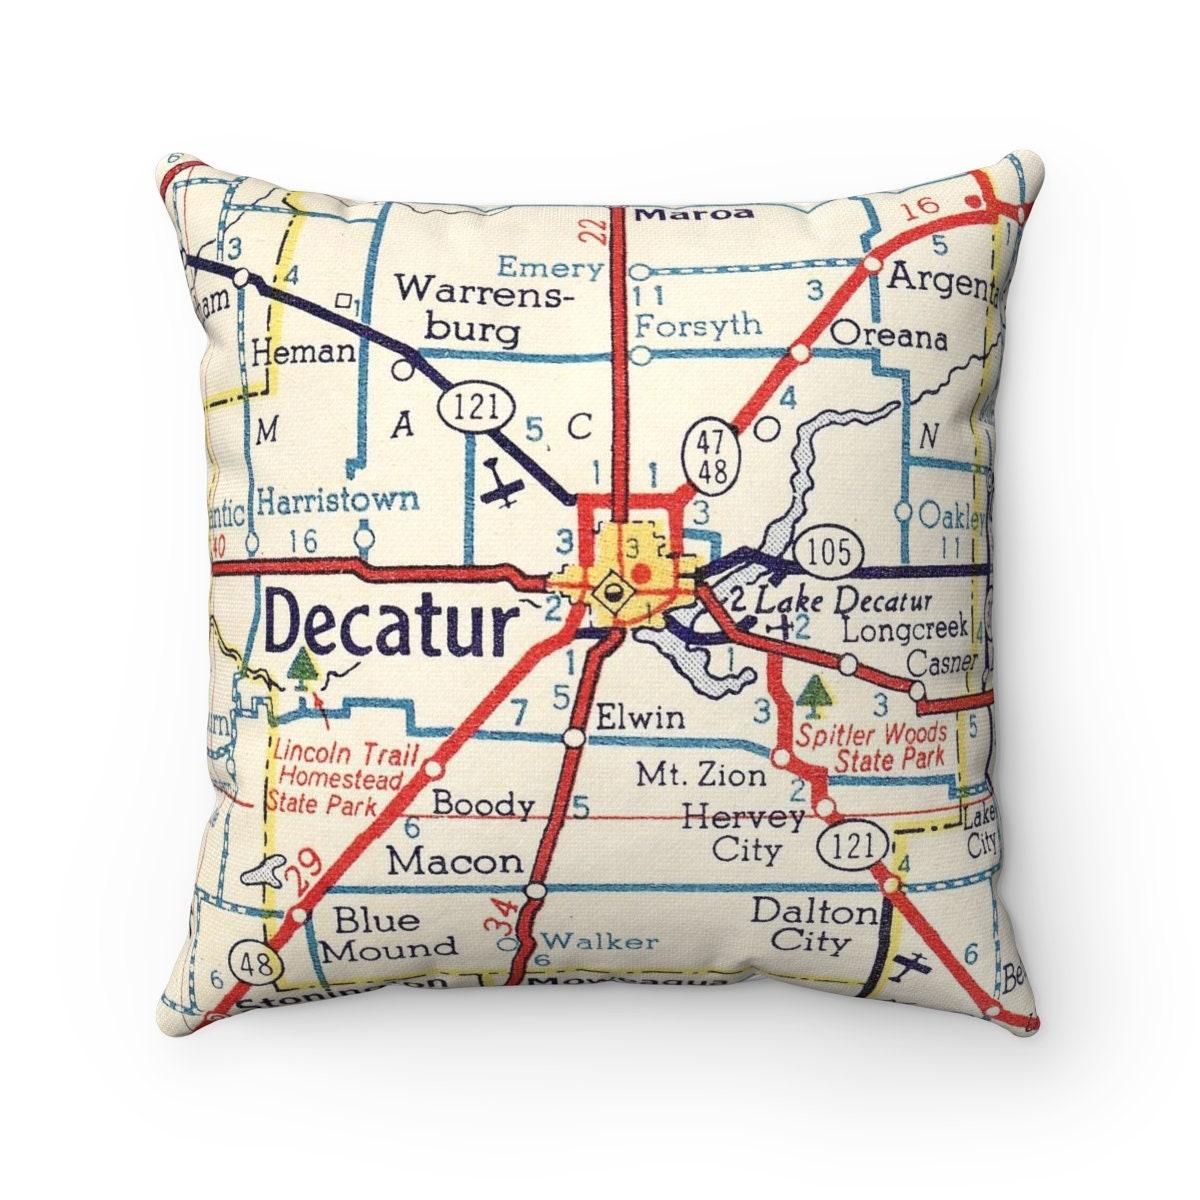 Decatur Illinois Map.Decatur Illinois Map Pillow Decatur Wedding Gift Decatur Etsy